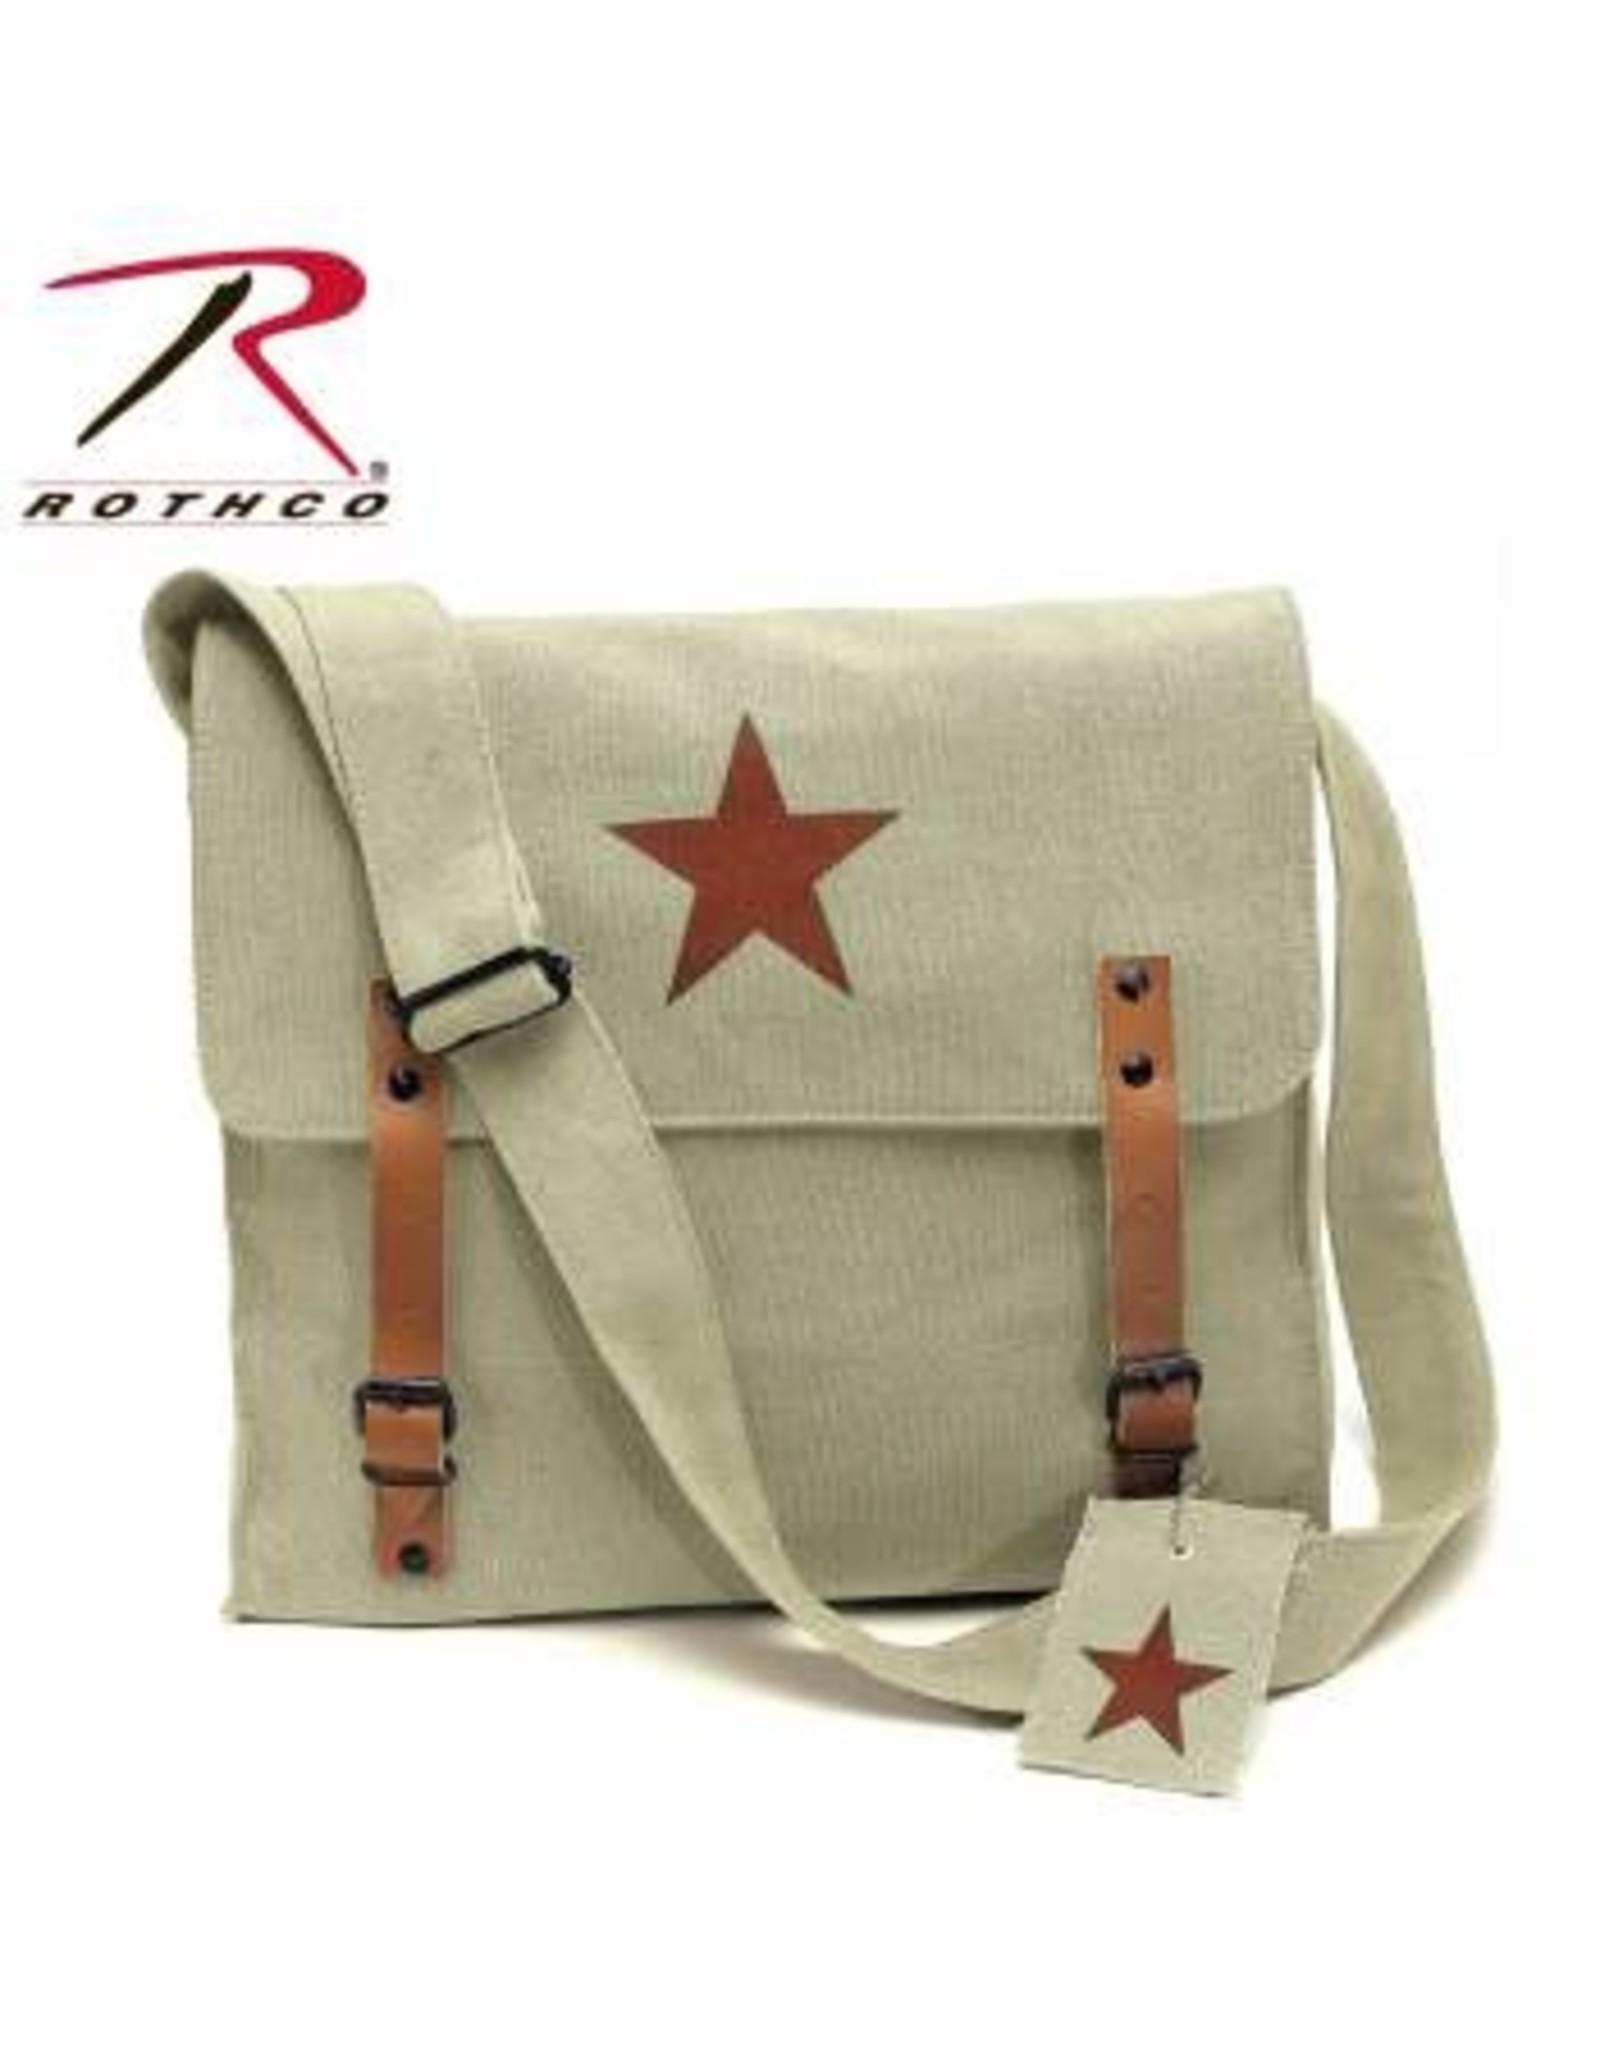 ROTHCO Rothco Canvas Classic Bag w/ Medic Star - Khaki